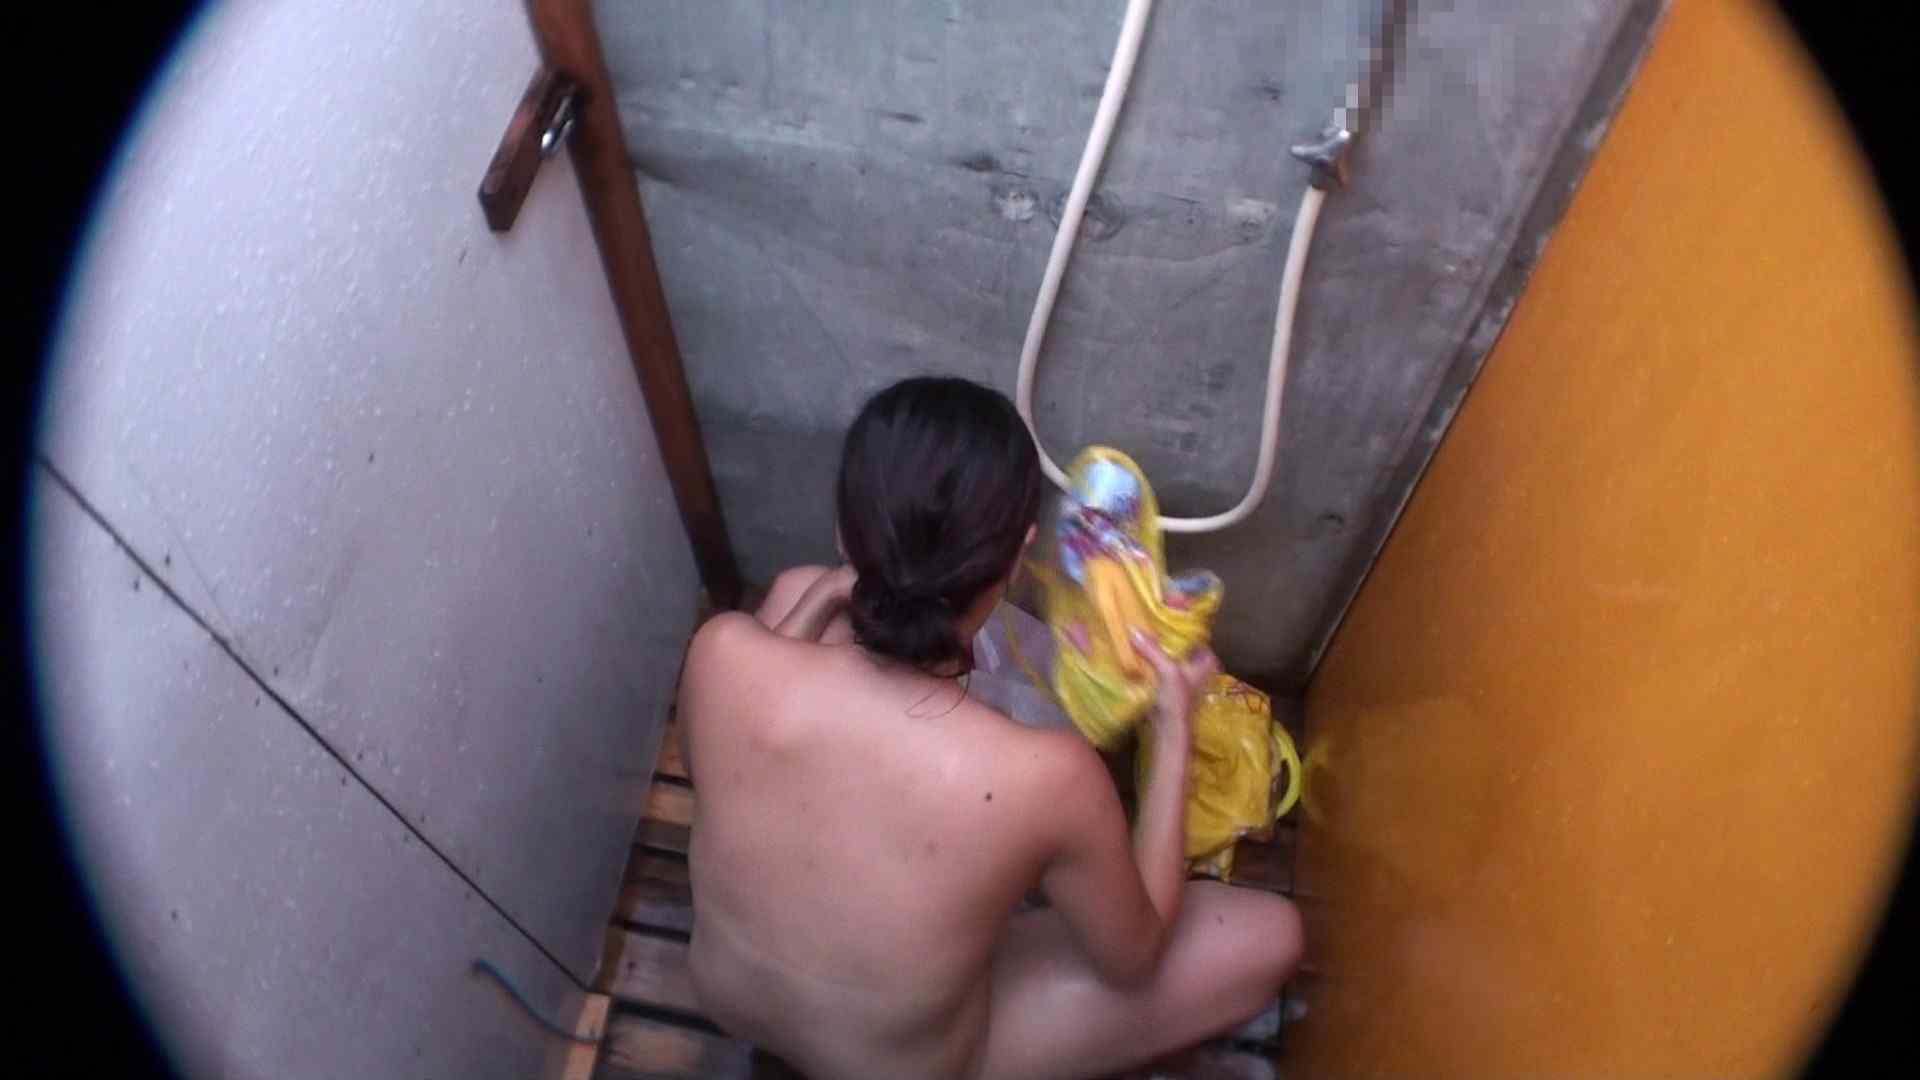 ハイビジョンVol.31 清楚なママのパンツはティーバック シャワー中 | OL  58連発 50